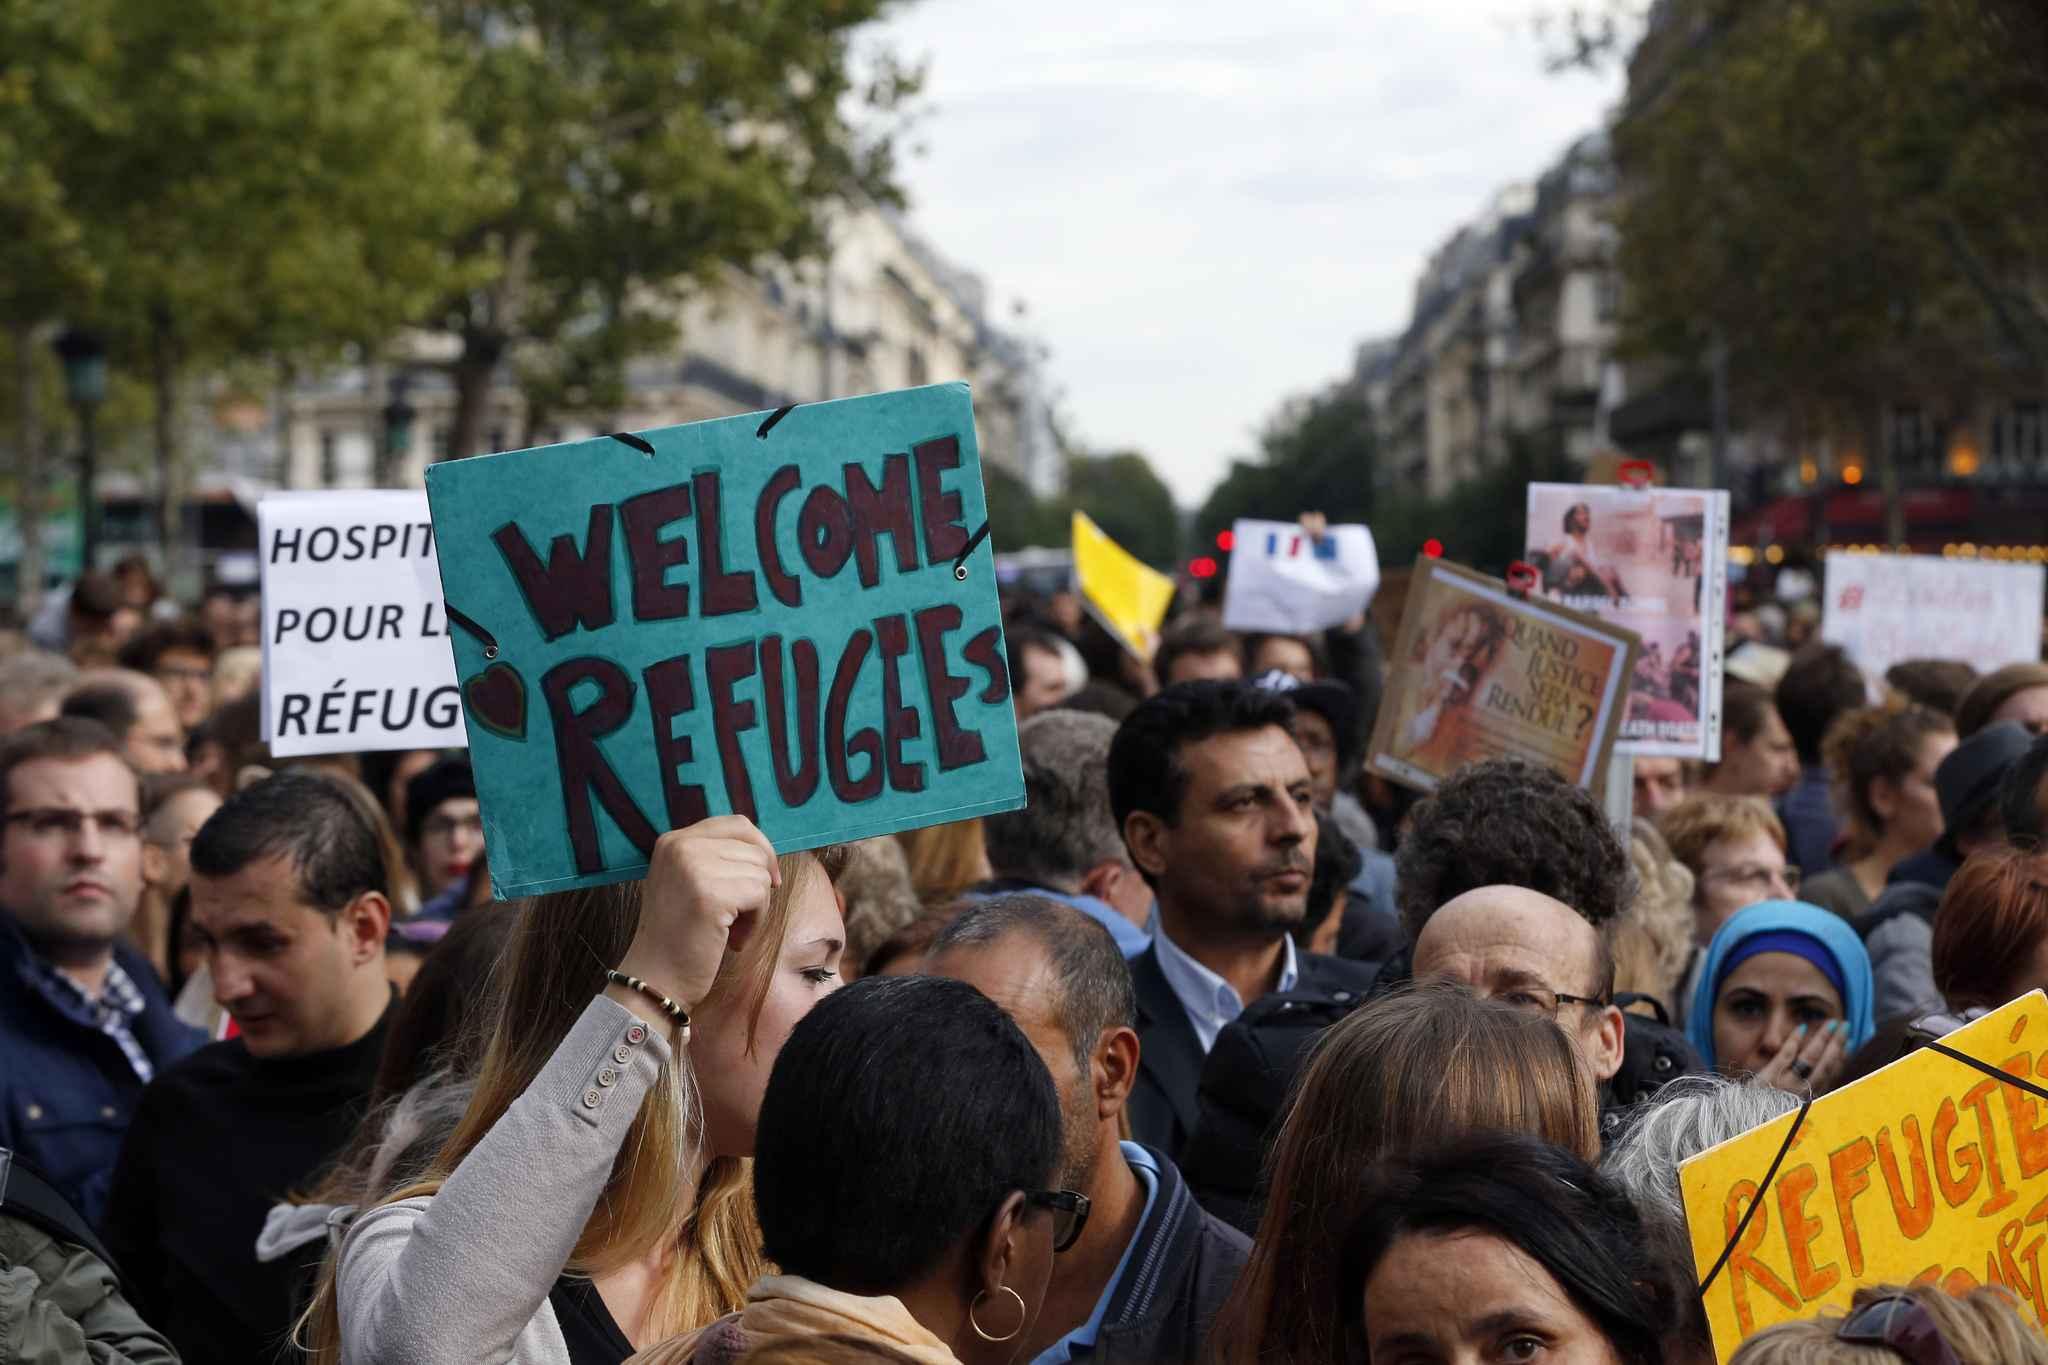 Mobilisation citoyenne pour l'accueil des réfugiés